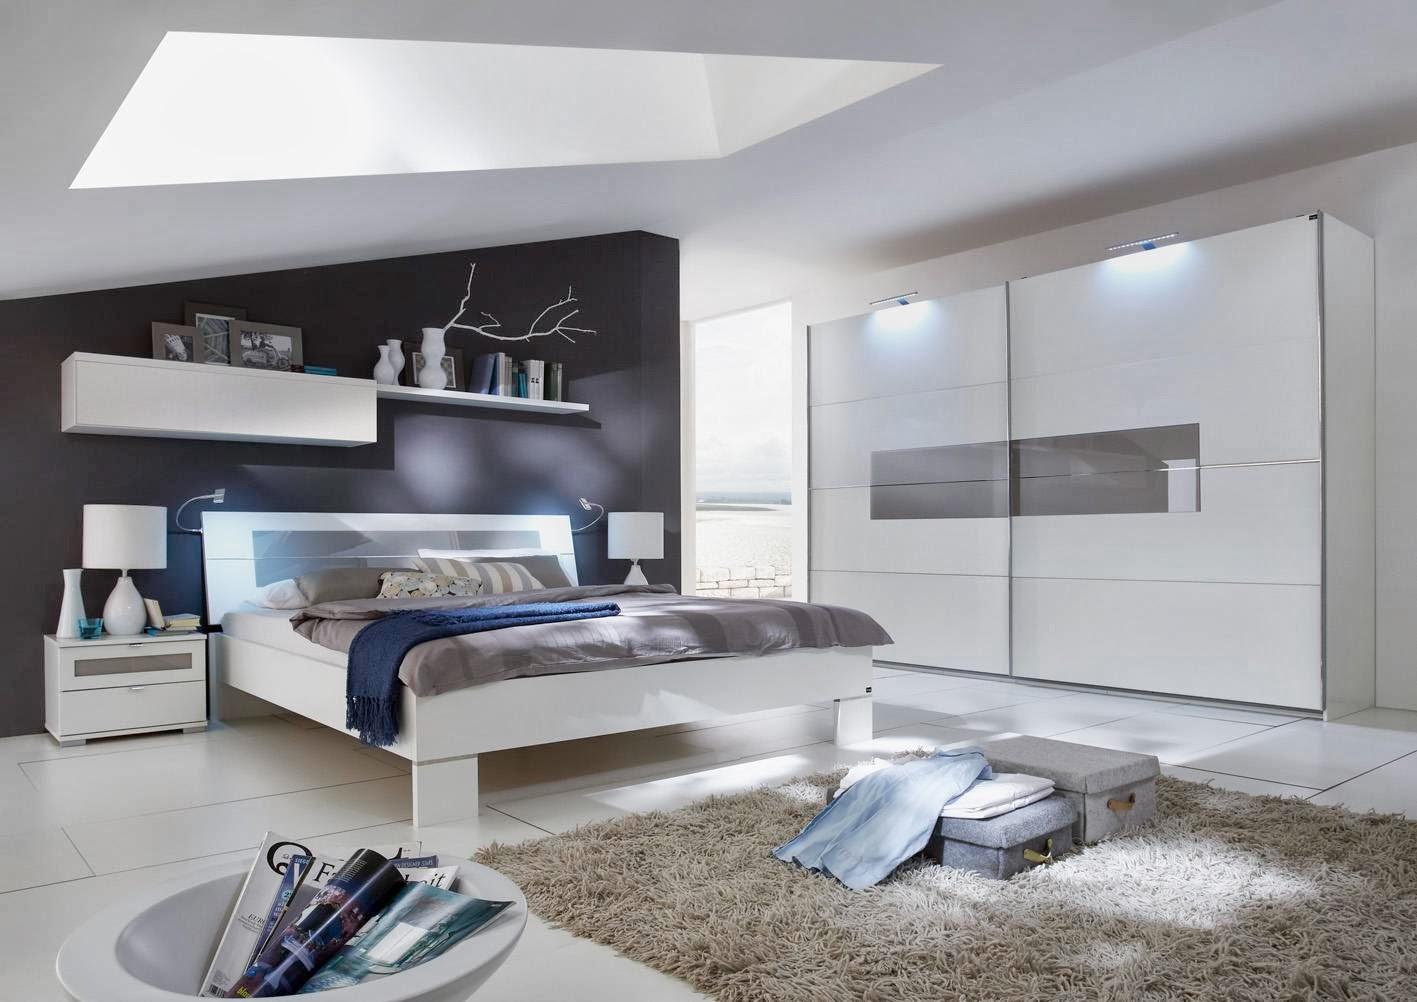 Decorer une chambre en ligne for Decorer une chambre